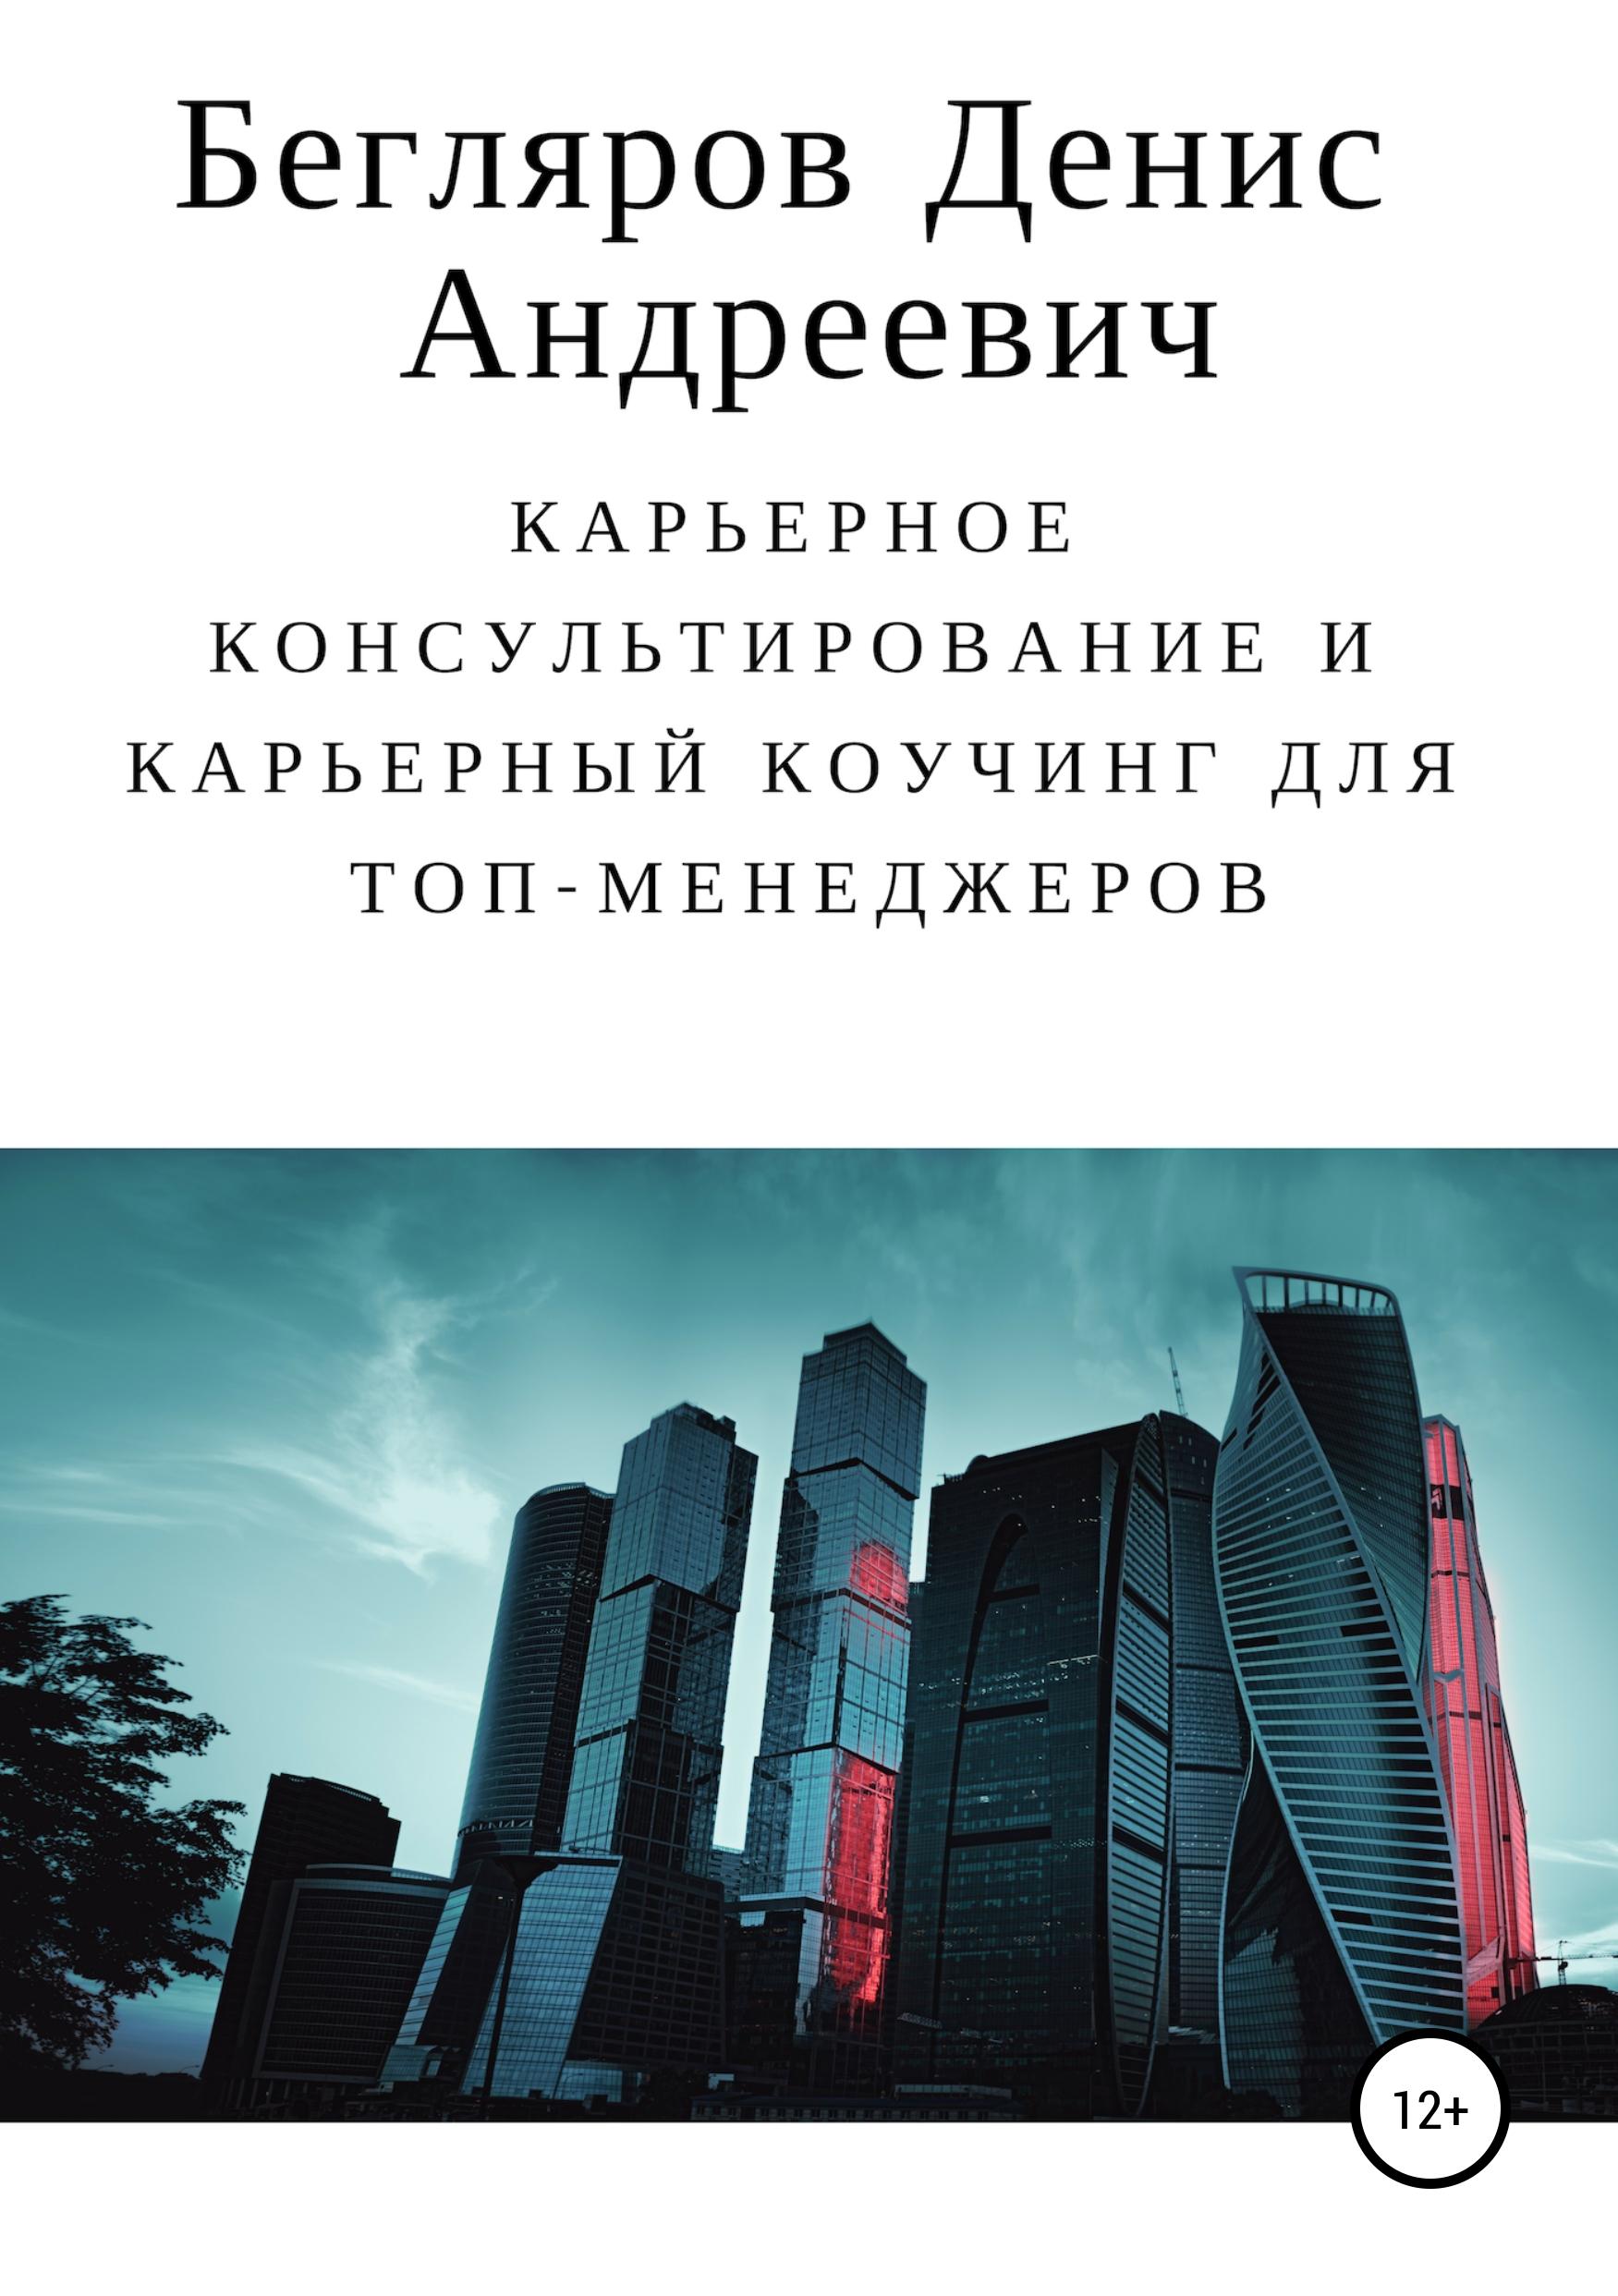 Обложка книги Карьерное консультирование и карьерный коучинг для топ-менеджеров